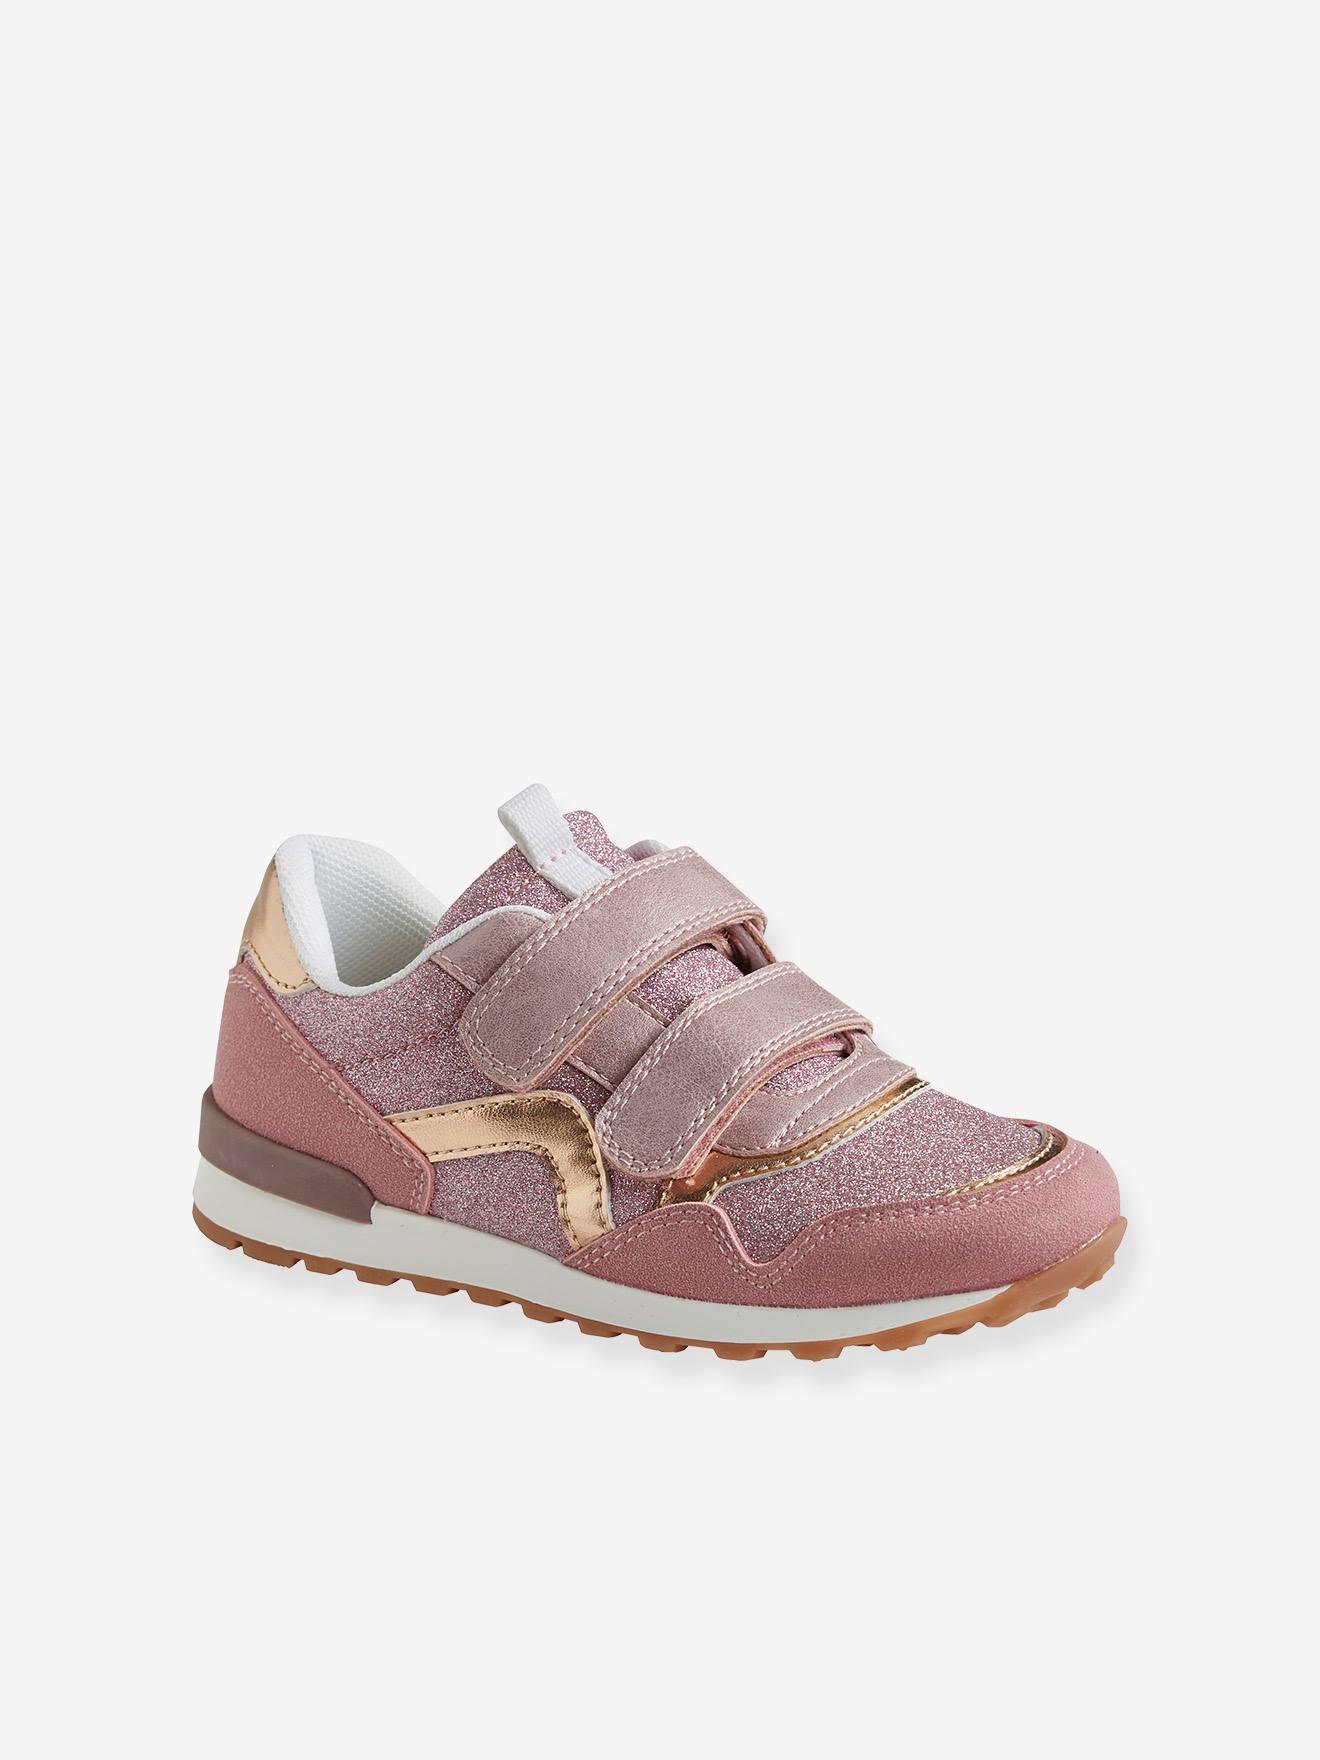 Sneakers & Turnschuhe Klett jetzt online kaufen vertbaudet